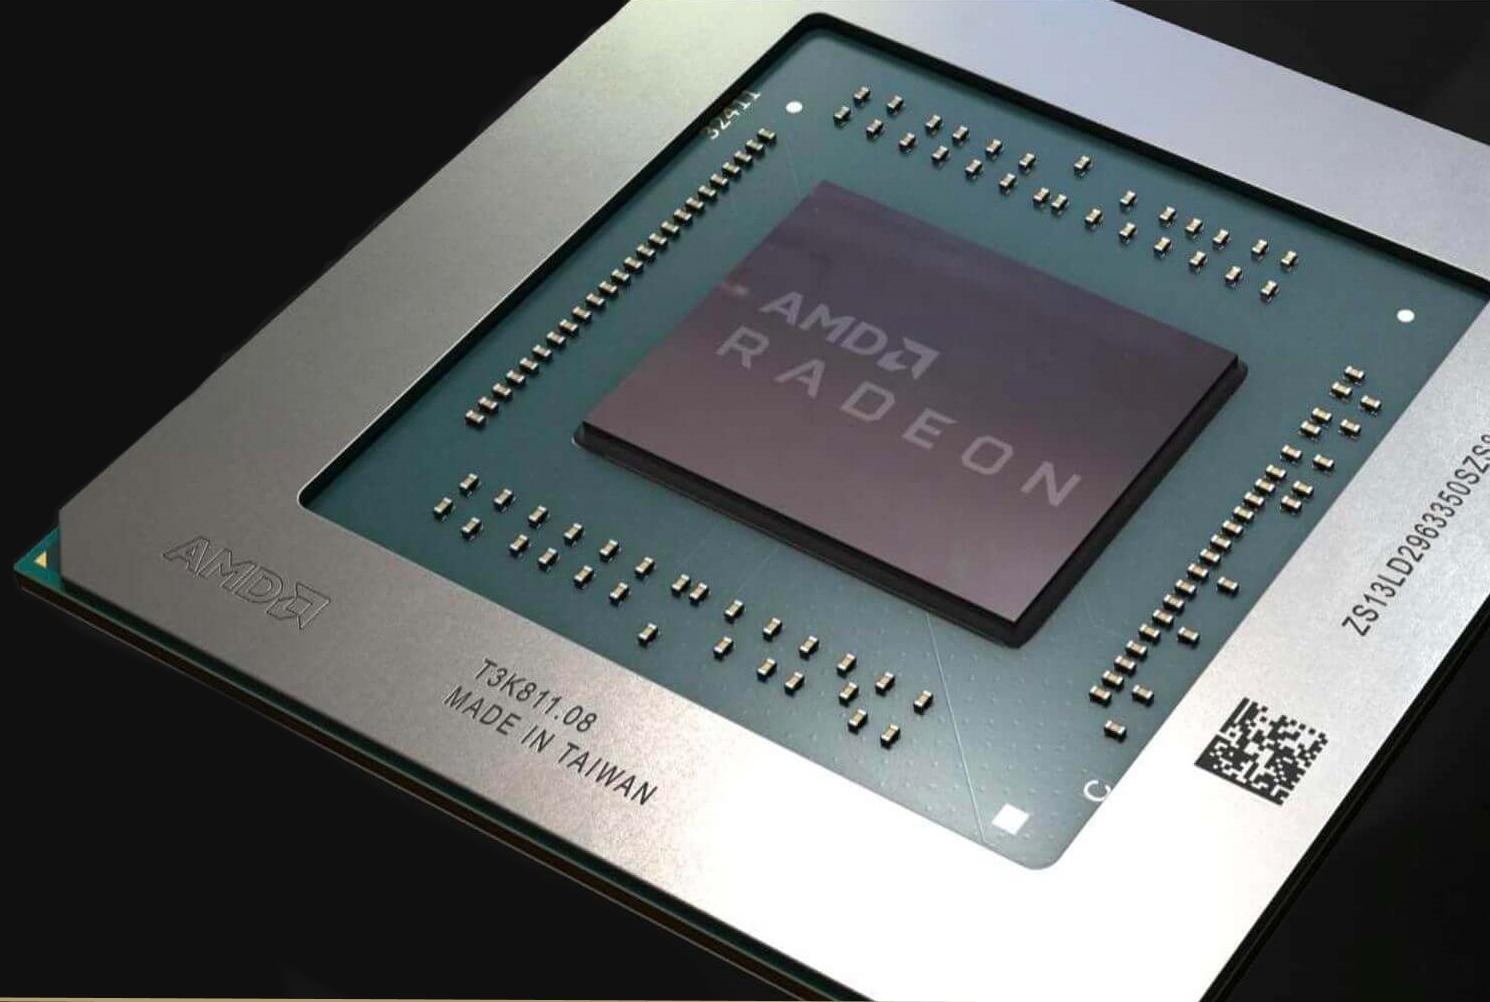 Появилась первая информация о видеокартах Radeon 5300 XT